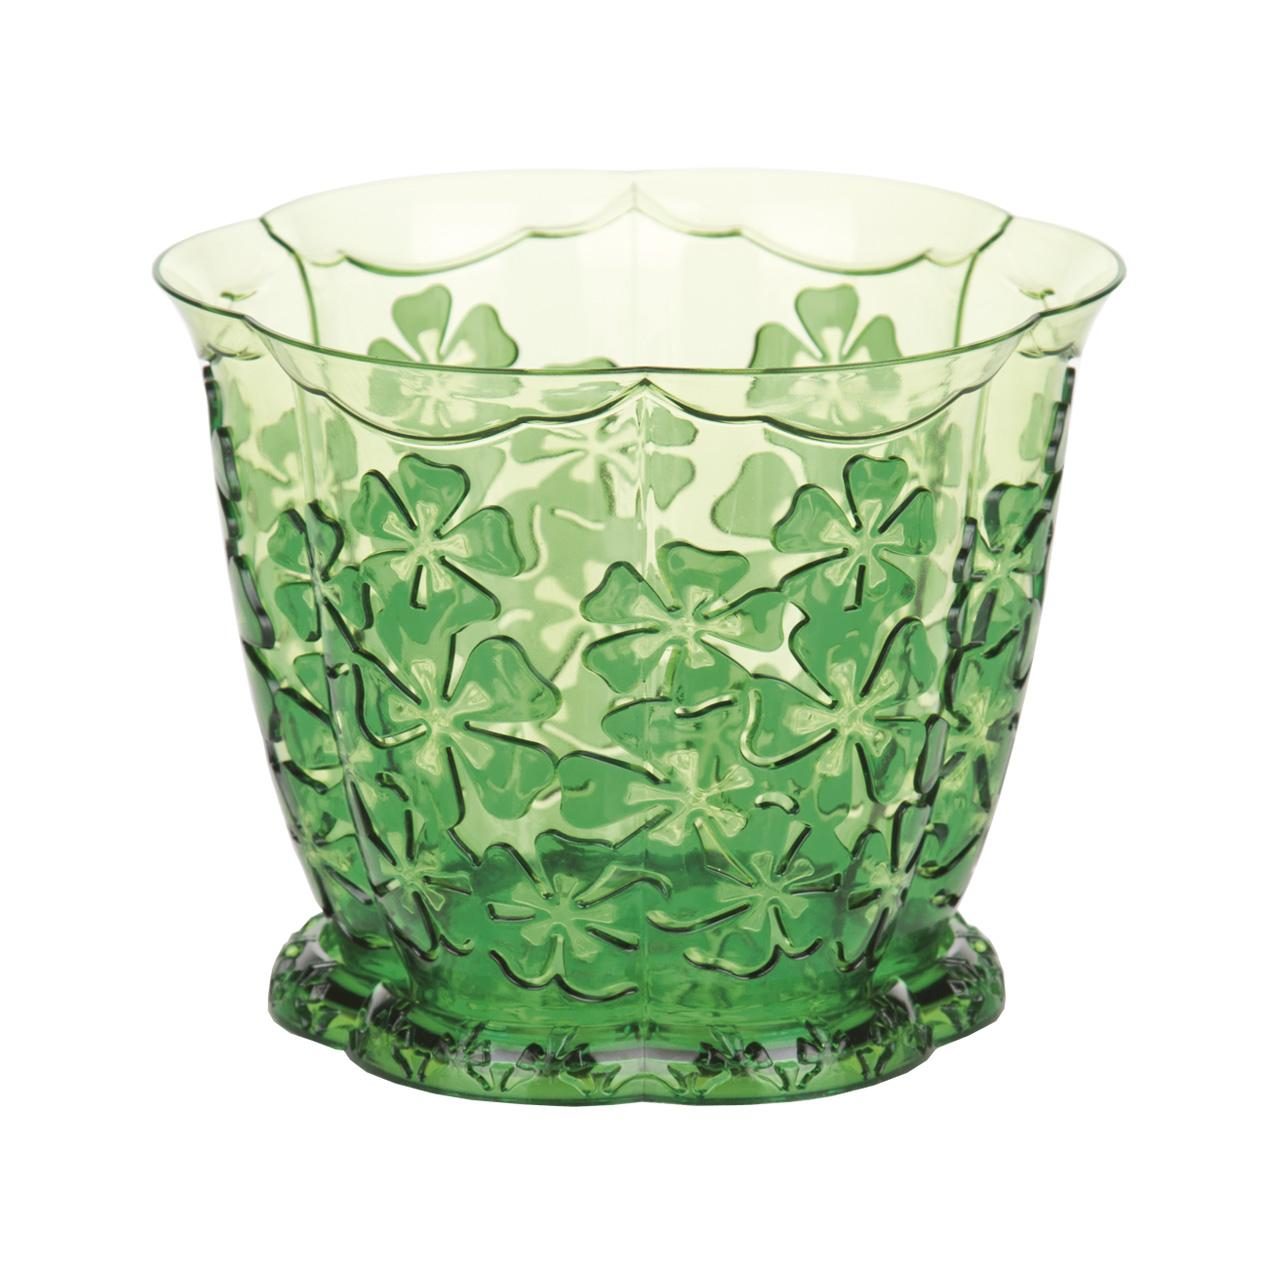 Горшок для орхидей Камелия, с поддоном, цвет: зеленый, 1,5 лЯБ501401Горшок для цветов Камелия представляет собой пластиковую емкость и подставку, декорированную цветочным орнаментом. Горшок прозрачный, что позволяет посадить туда орхидеи. Горшок имеет стильный дизайн, поэтому прекрасно впишется в любой интерьер. Диаметр по верхнему краю: 16 см. Объем горшка: 1,5 л.